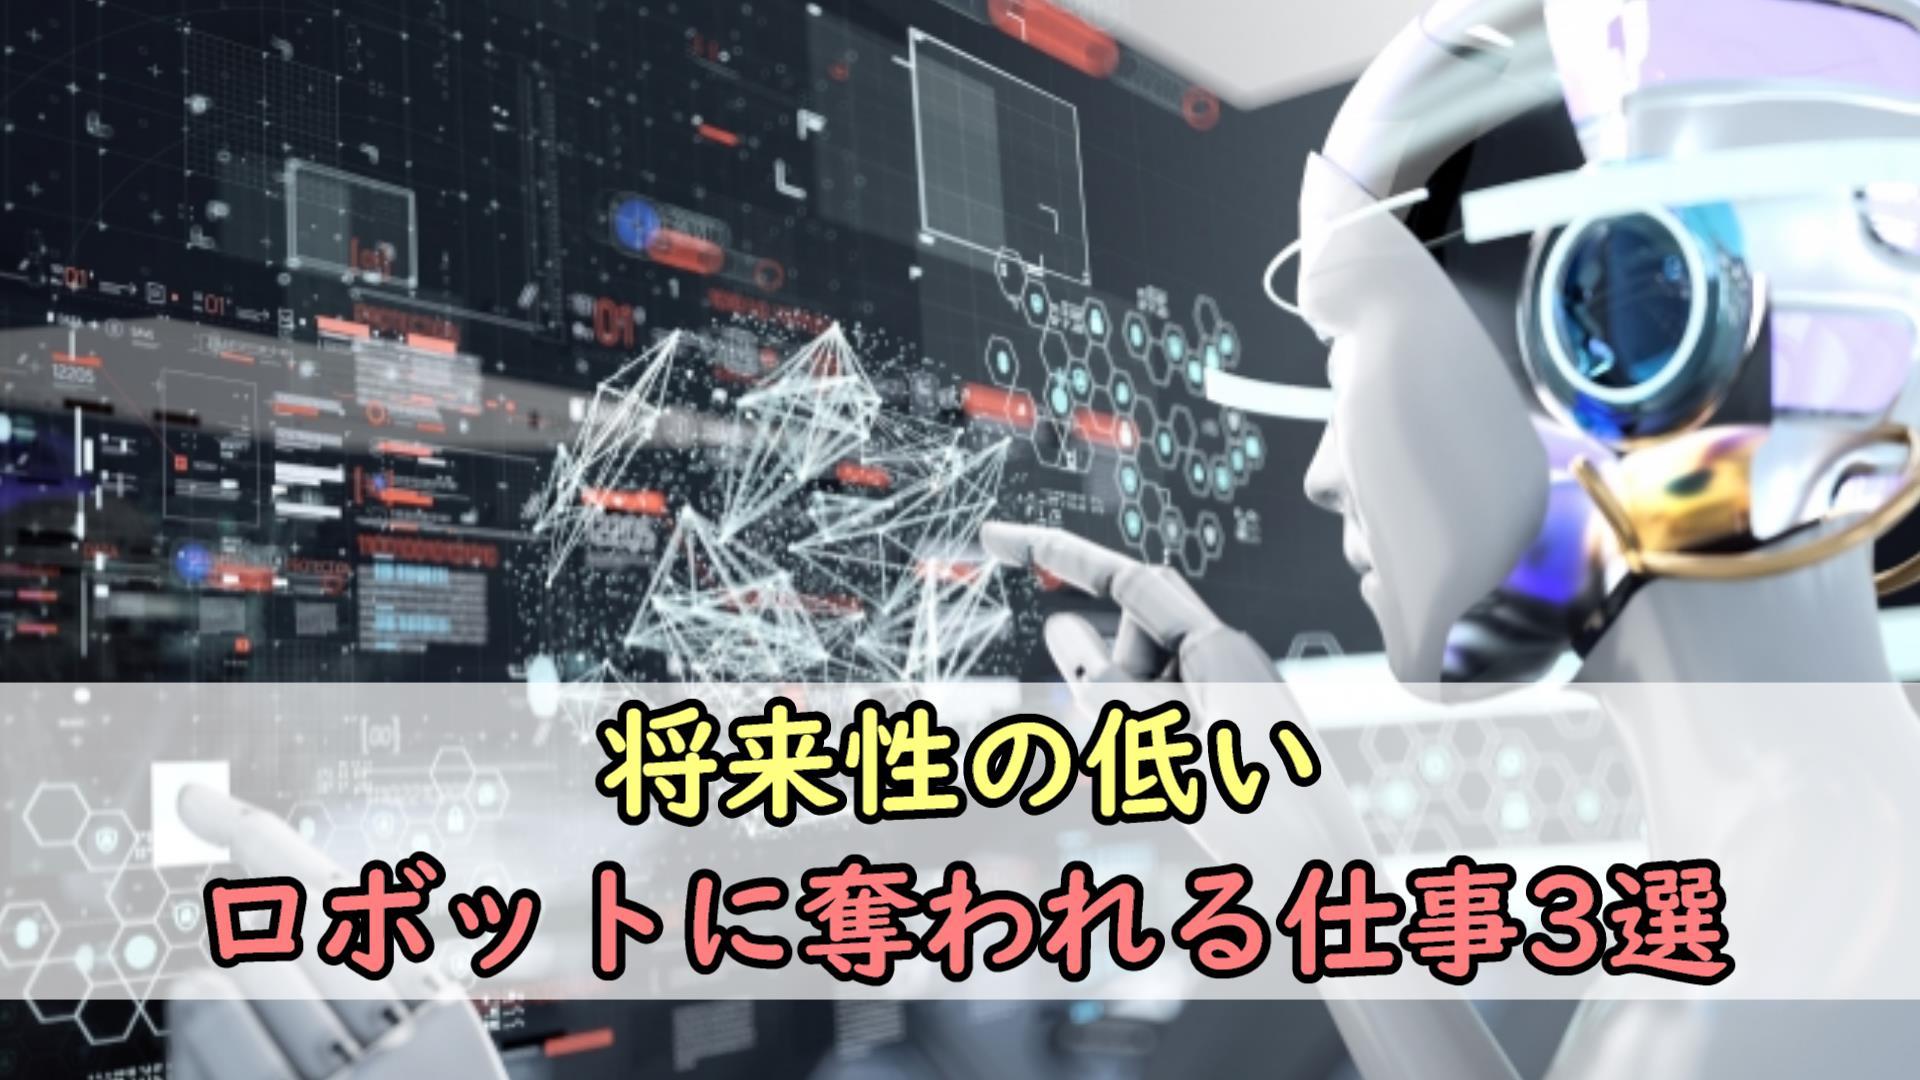 【悲報】将来性の低いロボットに奪われる仕事3選